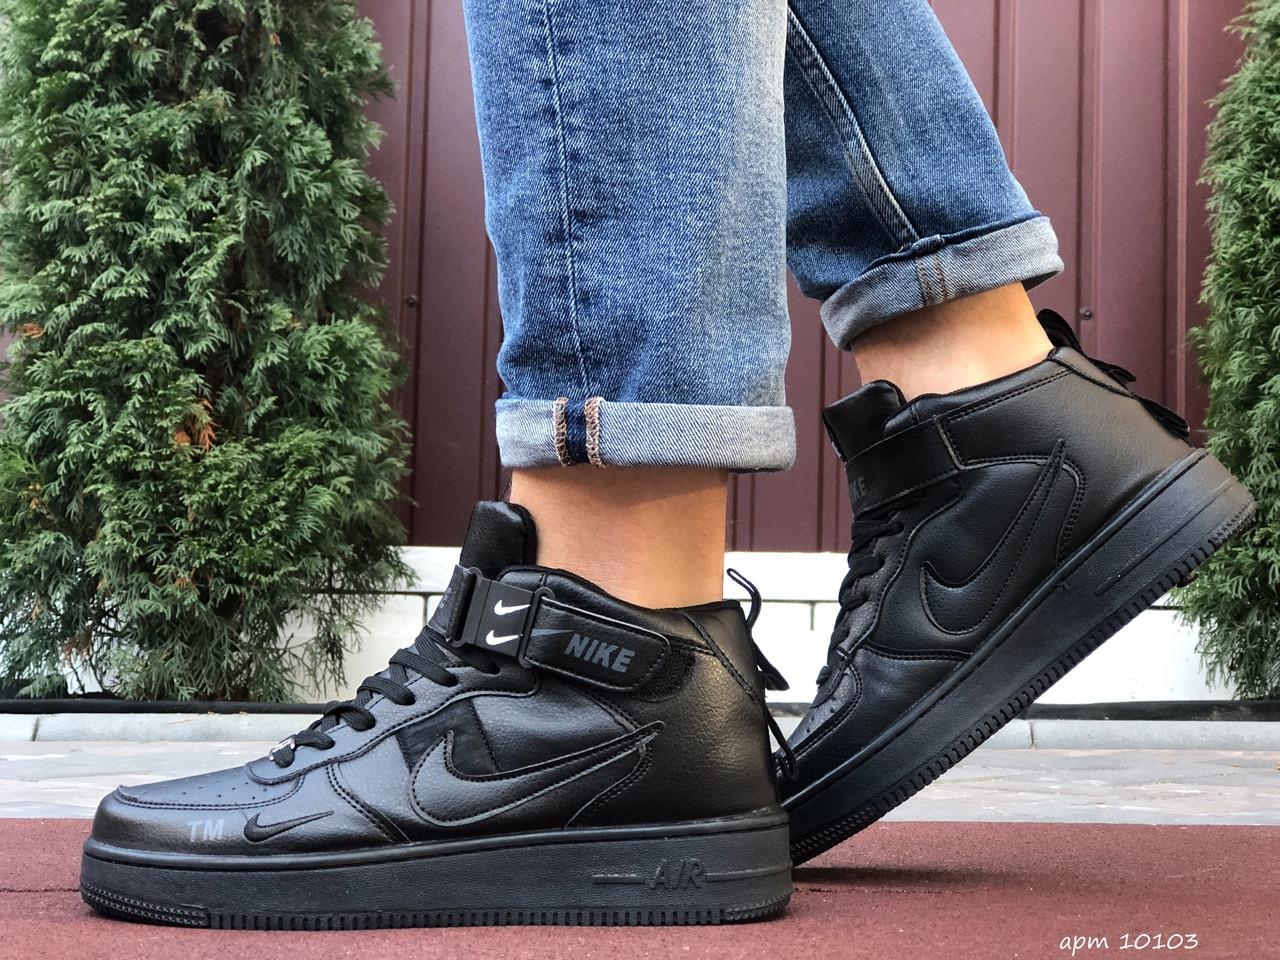 Мужские кроссовки Nike Air Force (черные) 10103